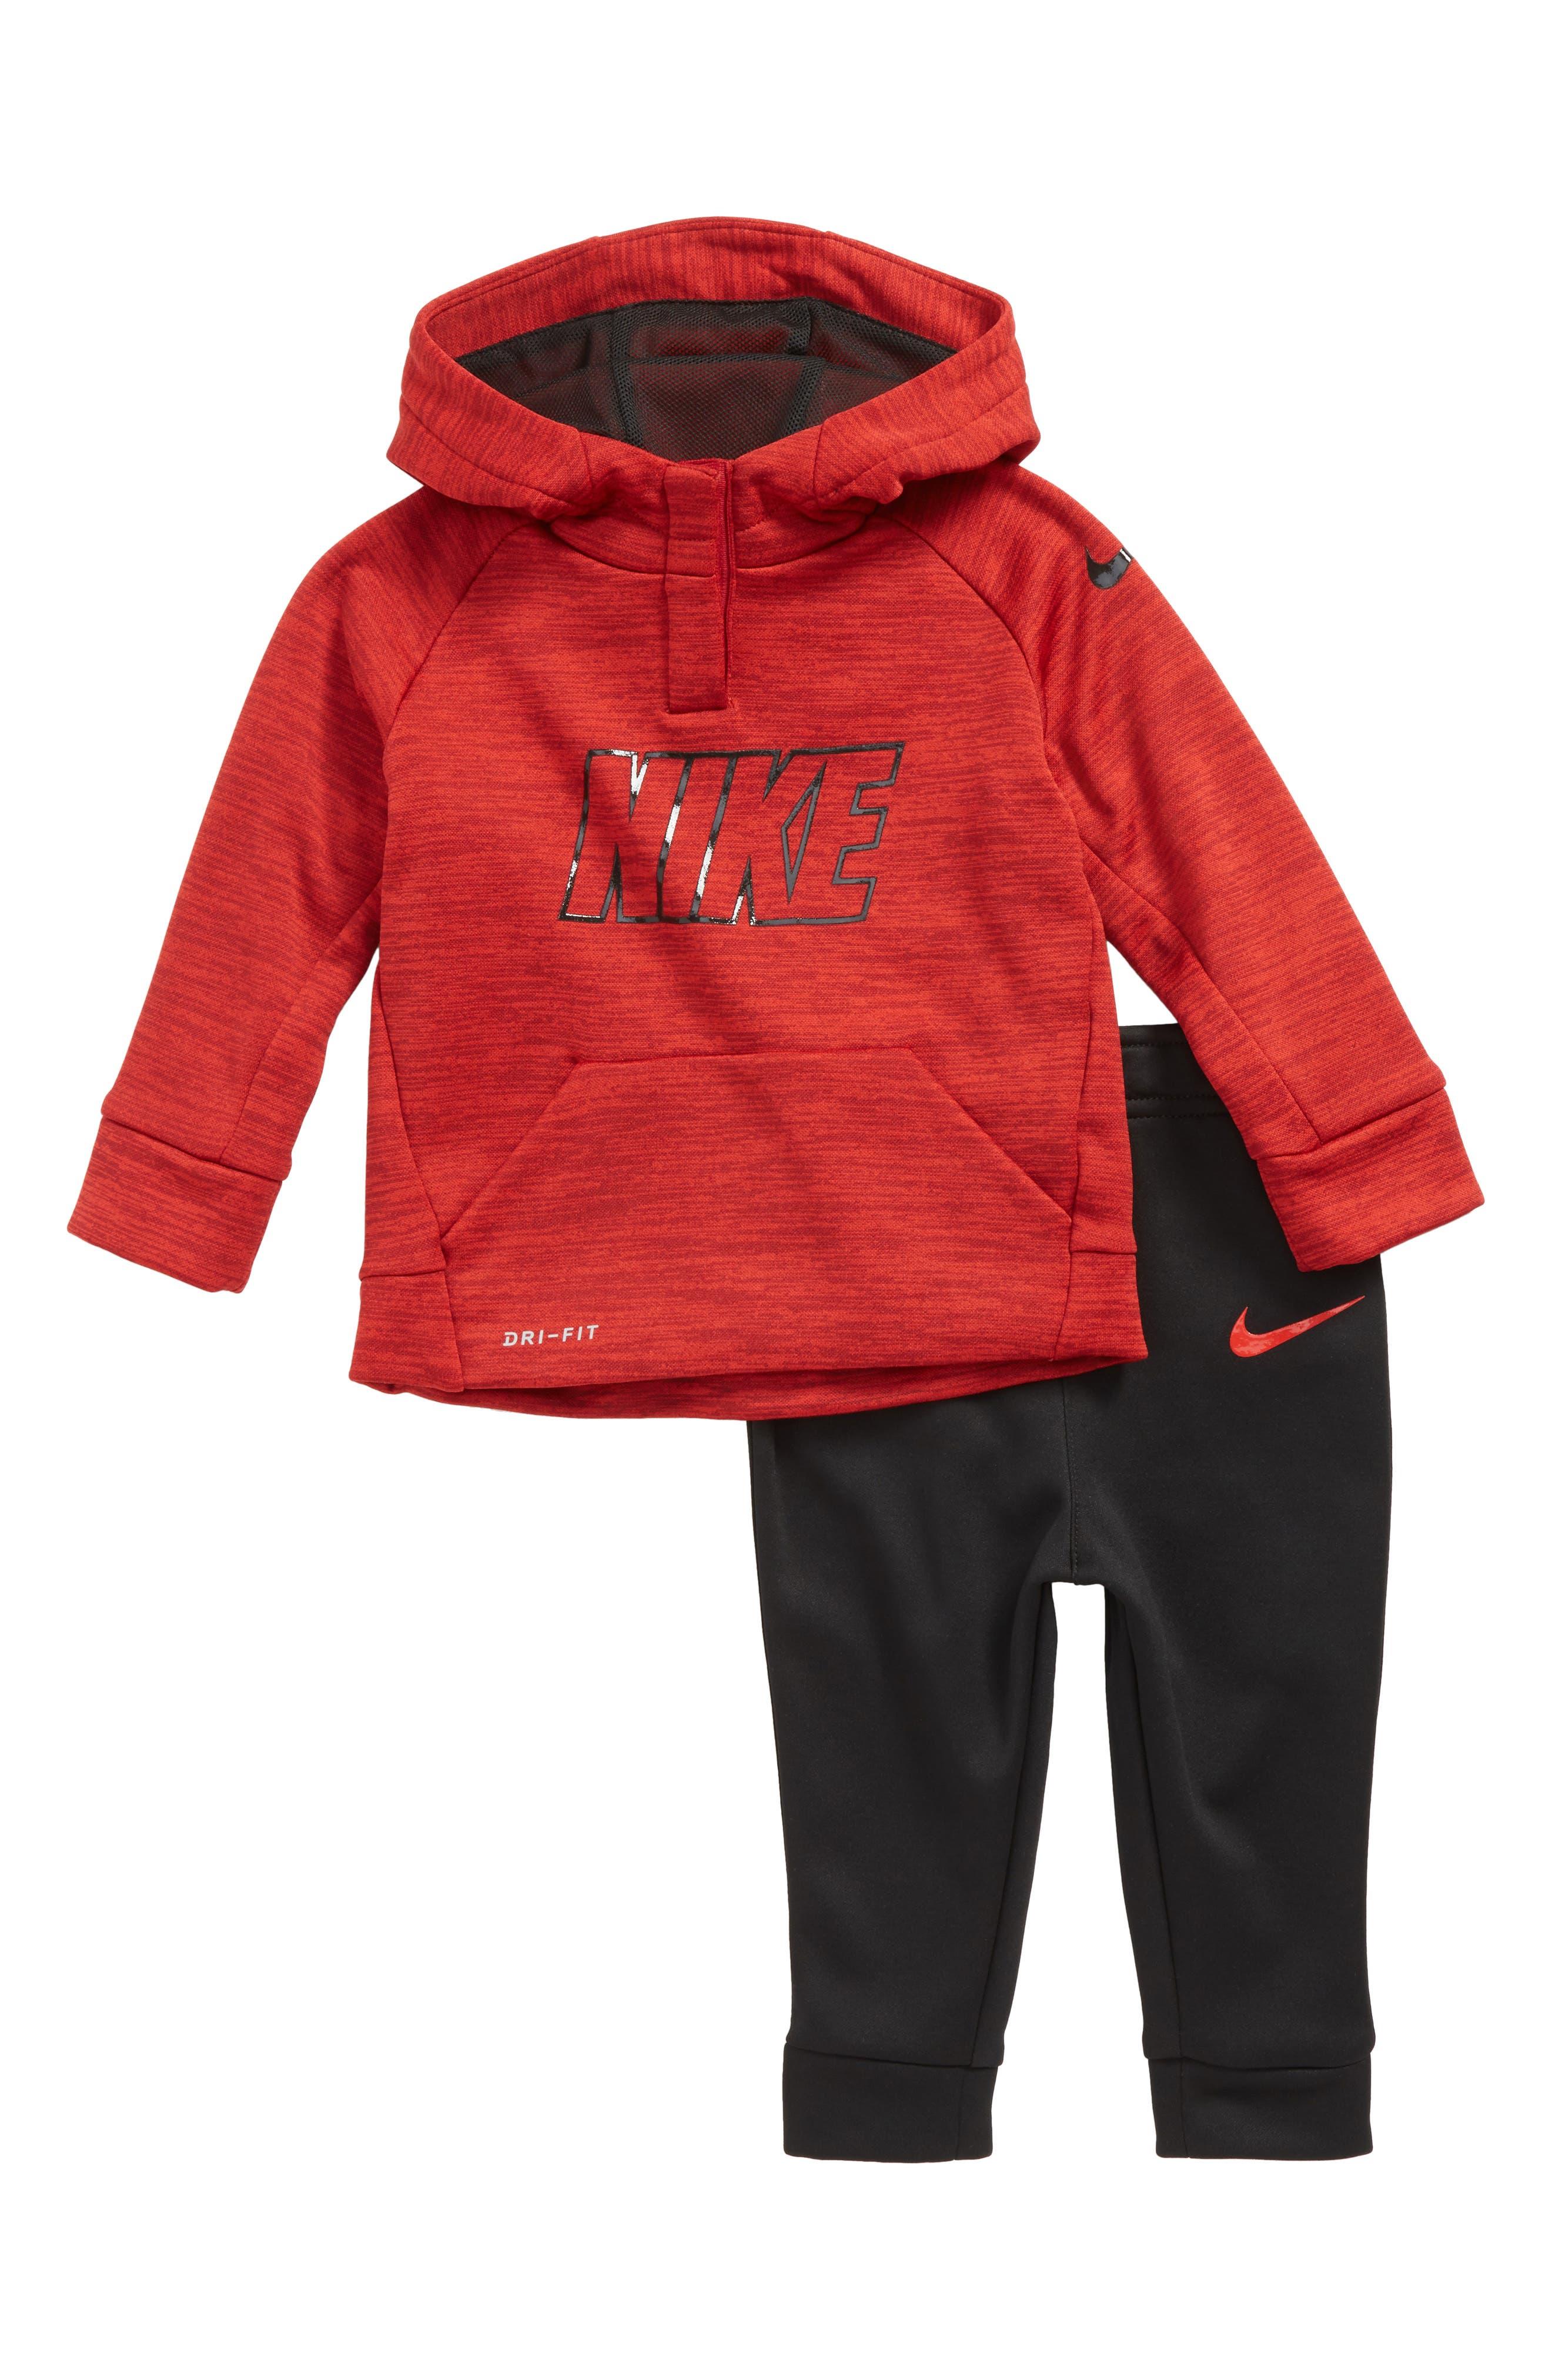 Alternate Image 1 Selected - Nike Logo Therma-FIT Fleece Hoodie & Pants Set (Baby Boys)